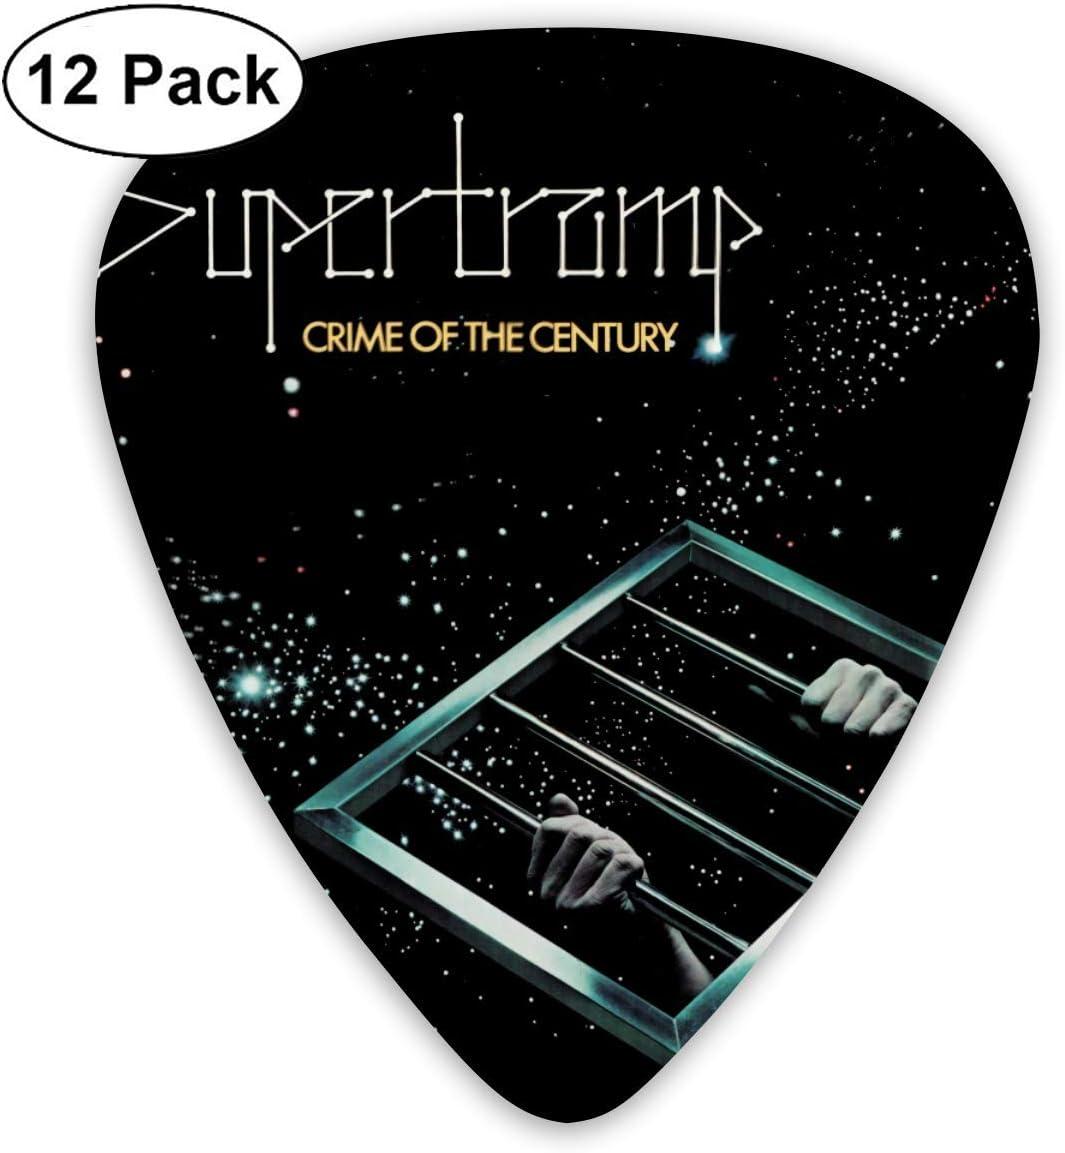 regalo perfecto para el amante de la guitarra Supertramp Classic Cool Medium Picks